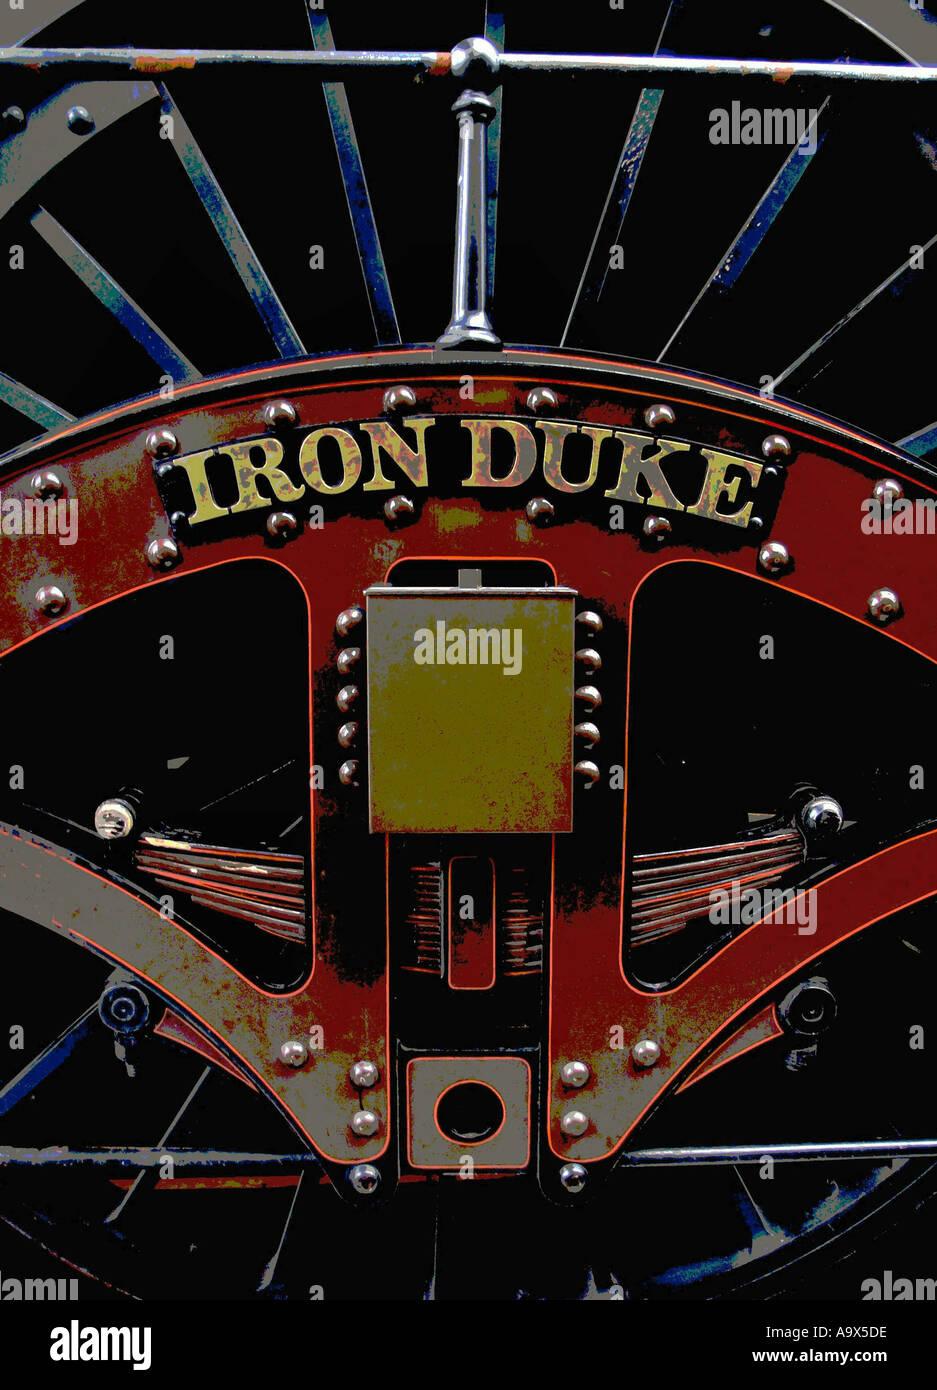 Iron Duke Stream Train - Stock Image